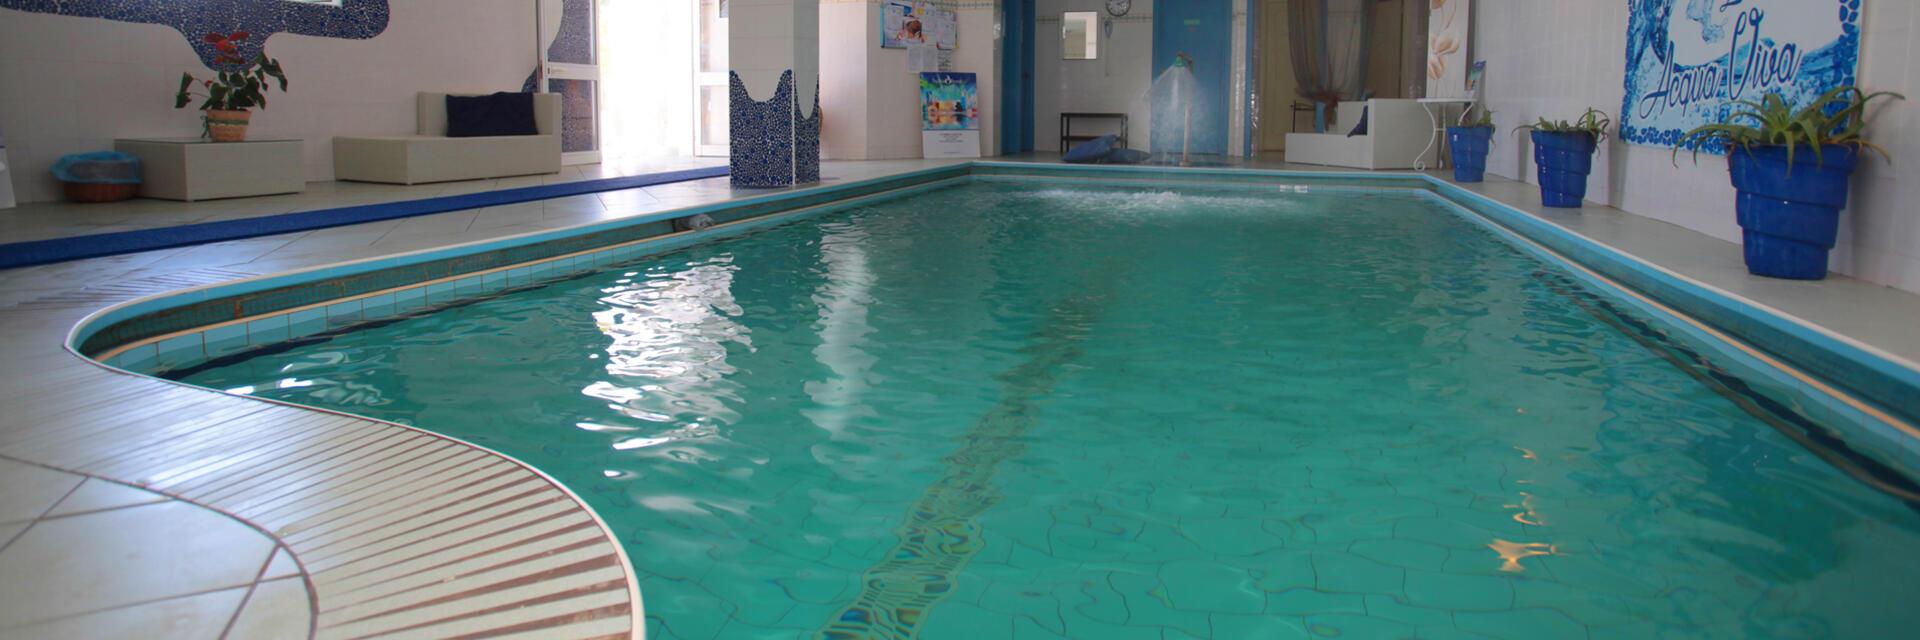 hotelcasarosaterme en thermal-baths 002